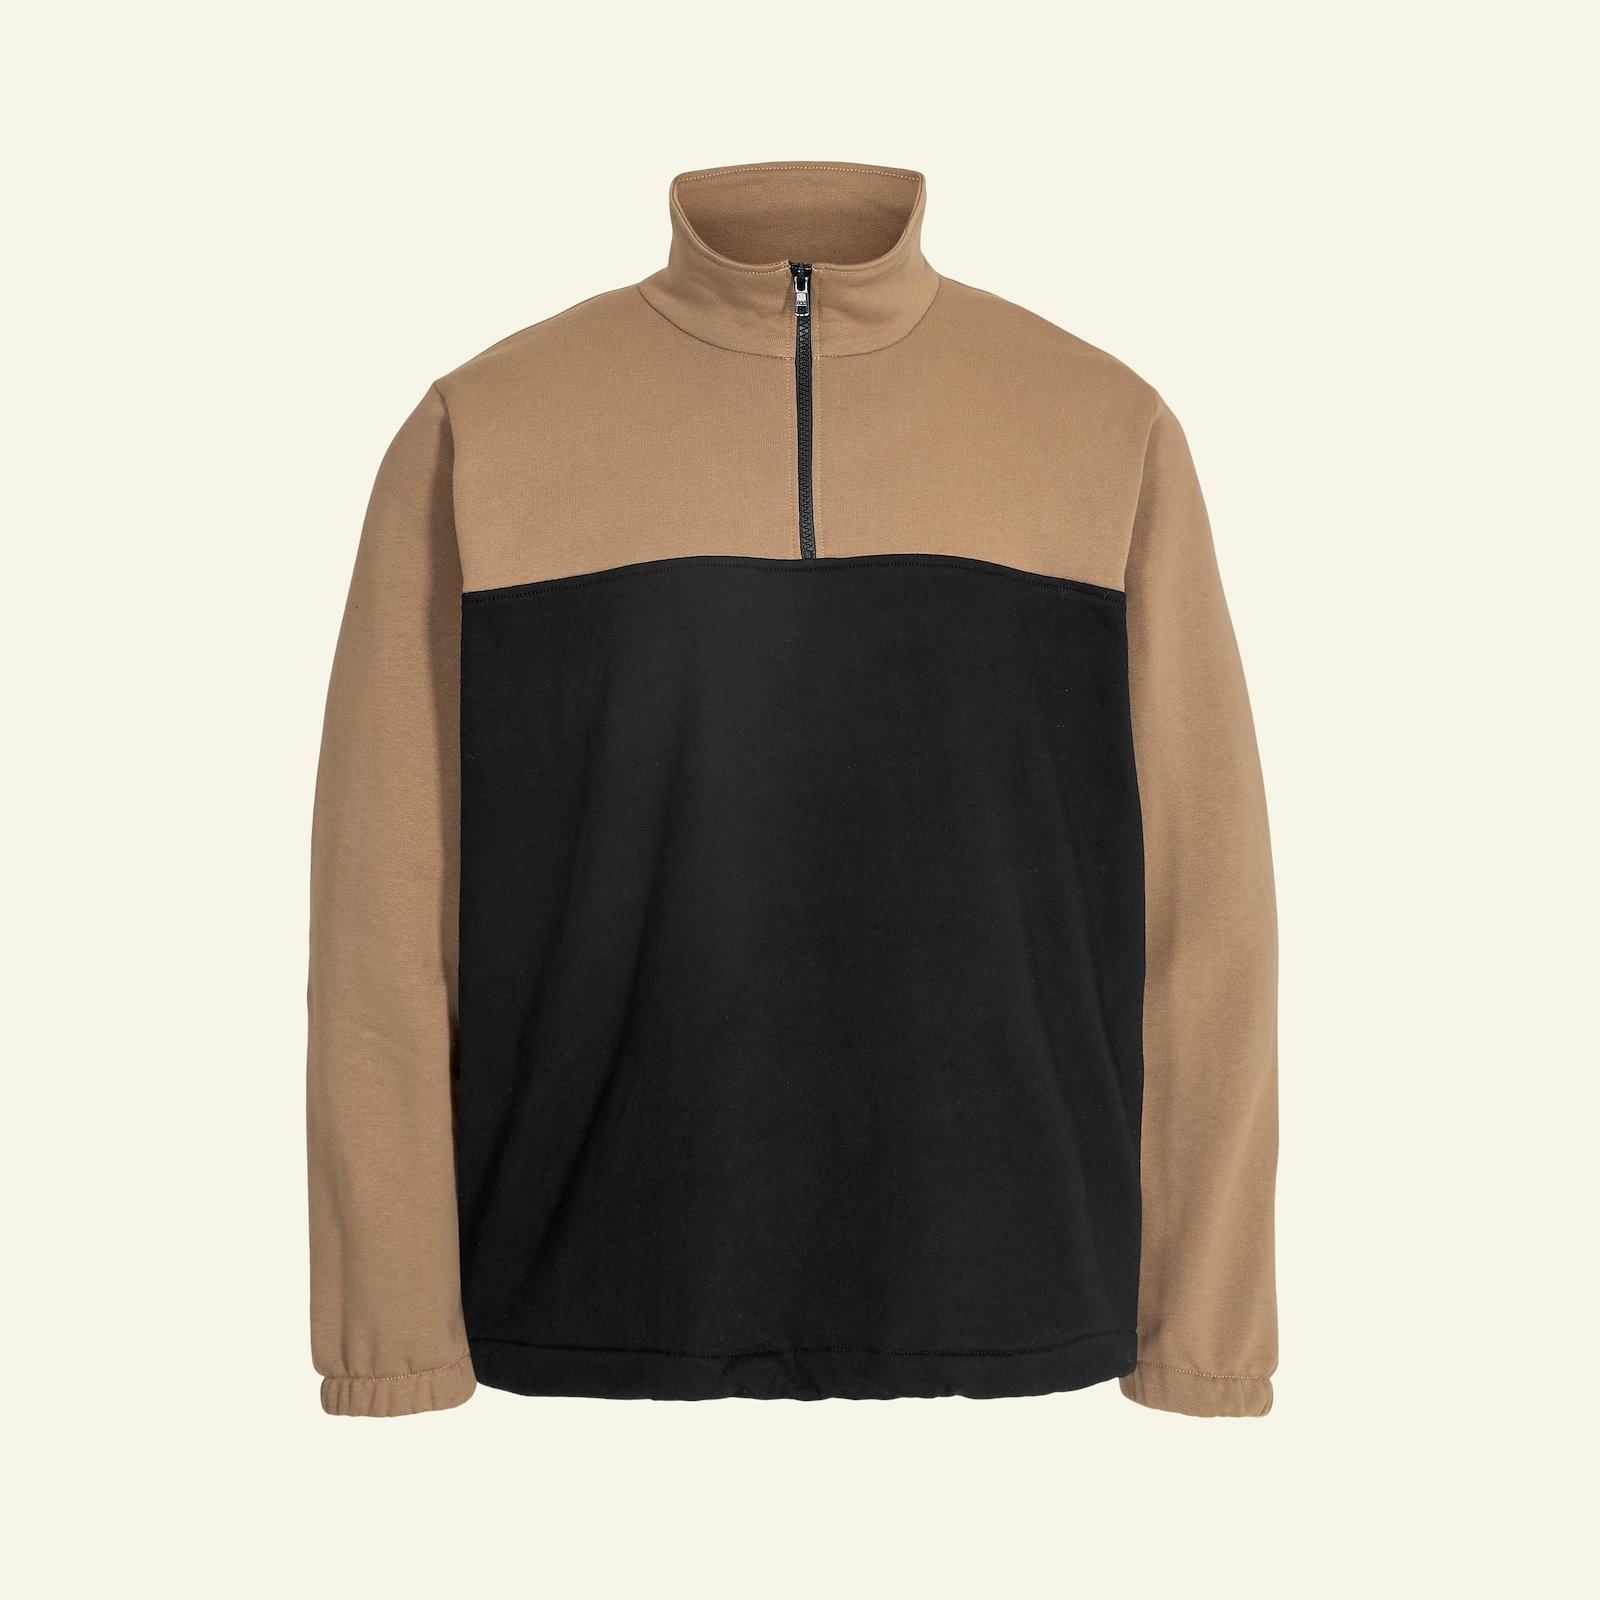 Sweatshirt und jacke p87004_211793_211759_3507043_43705_sskit